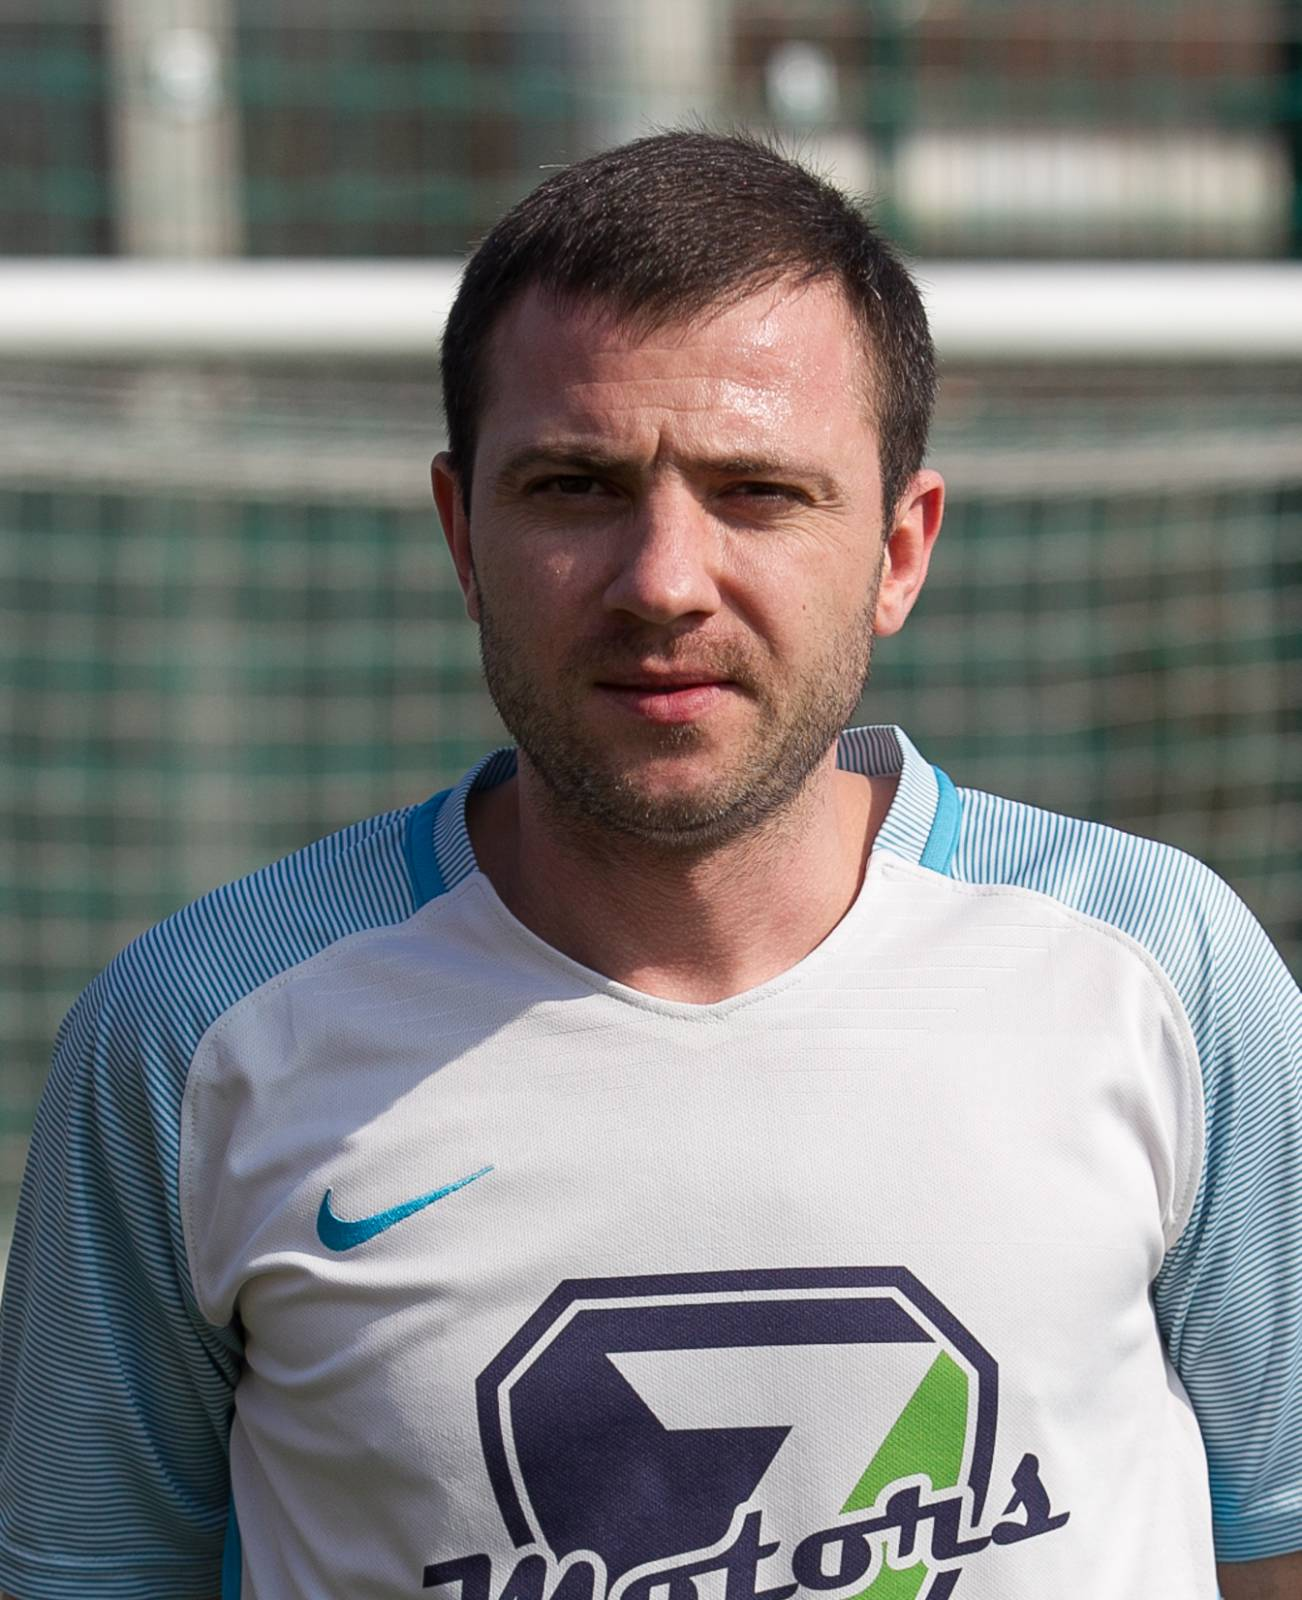 Станков Александр